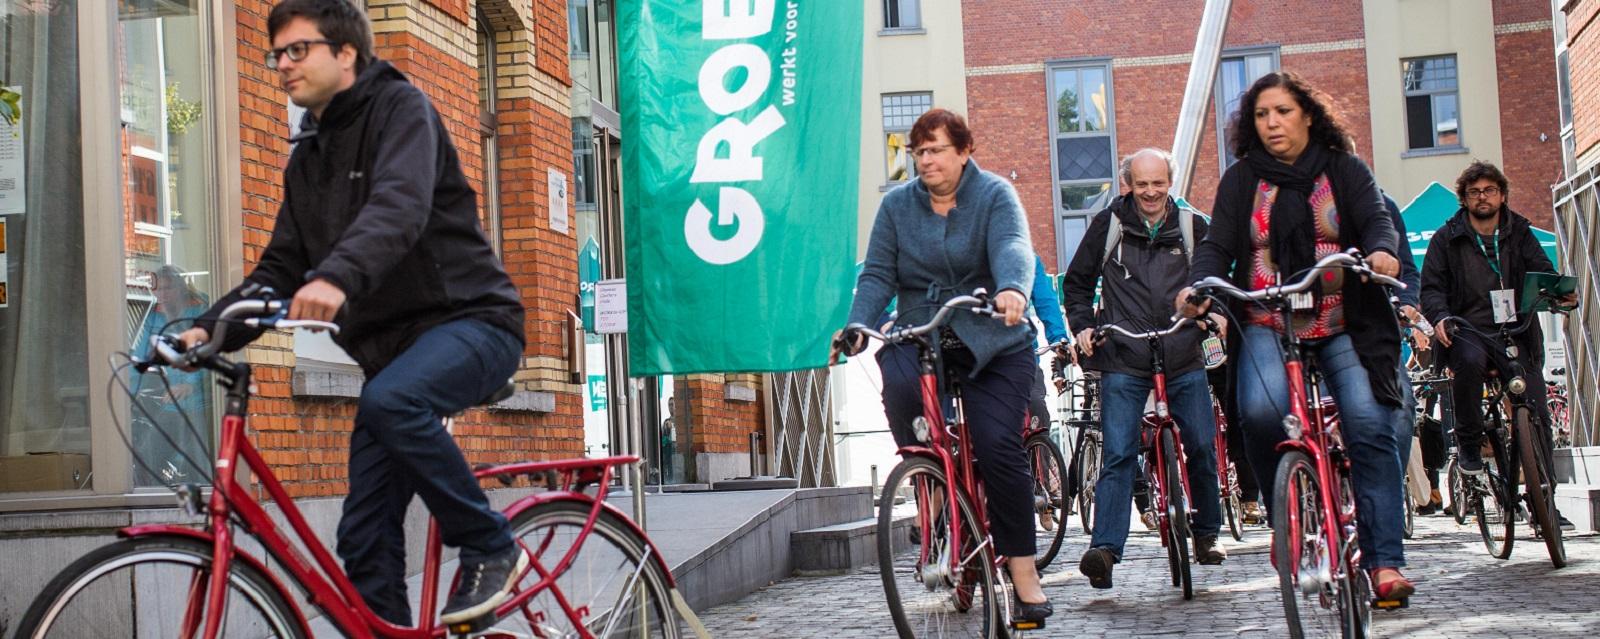 <h2>een gemeente met veilige wegen voor iedereen</h2><div>Groen kiest voor aantrekkelijke en leefbare dorpskernen en voor veilige mobiliteit voor ieder. De leefkwaliteit staat daarbij voorop. </div>